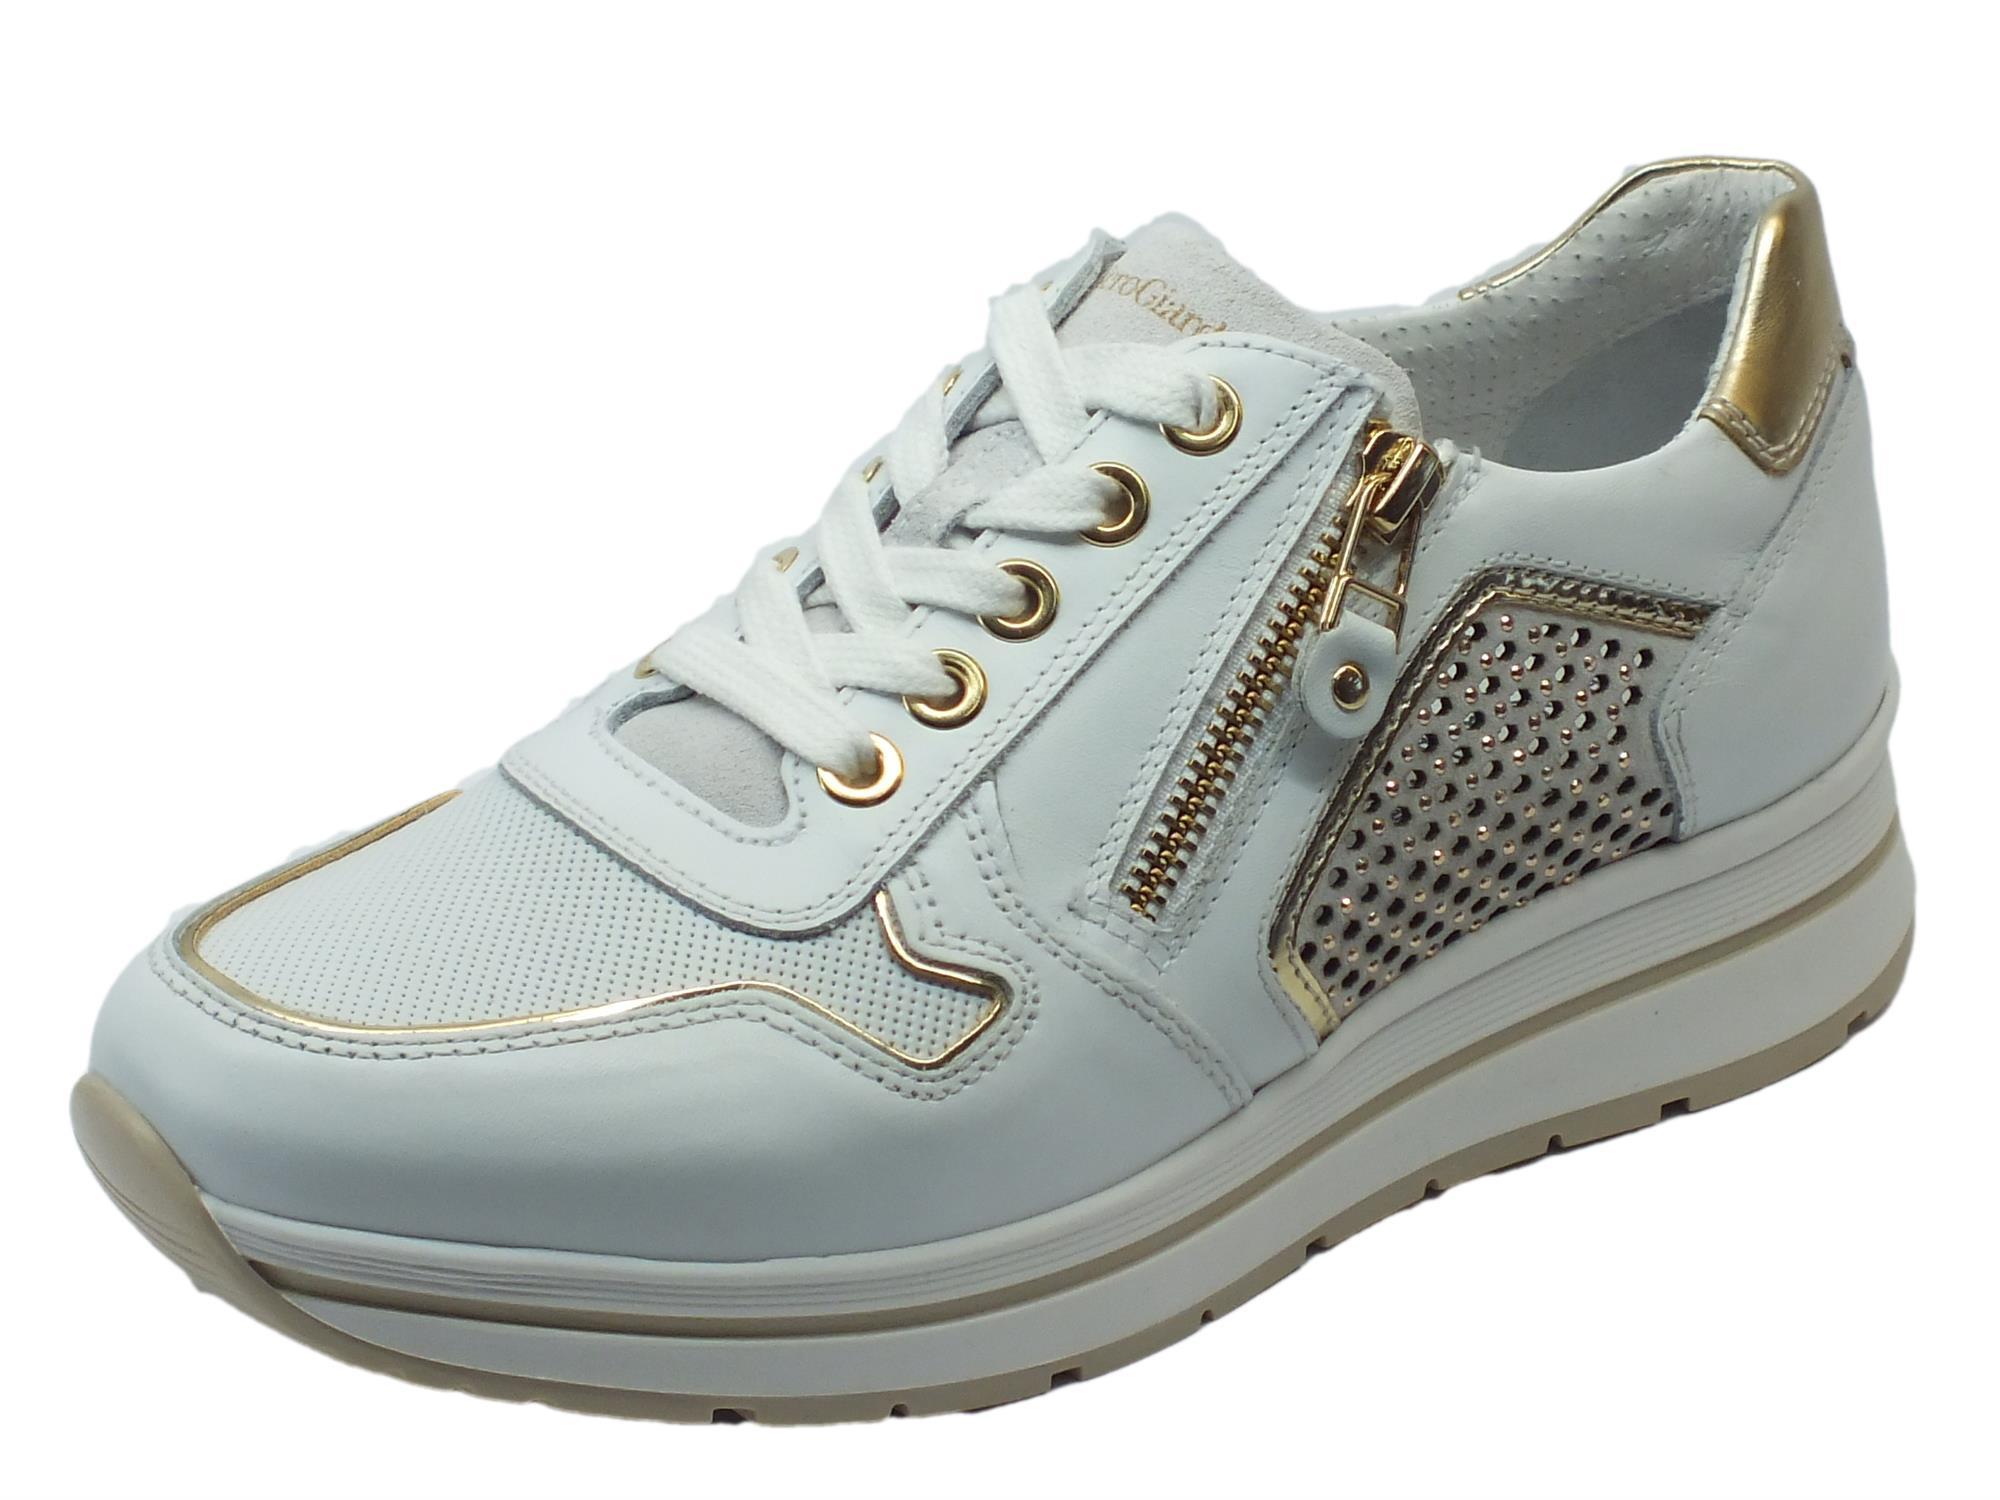 Sneakers NeroGiardini realizzate in pelle e camoscio bianco con lacci e lampo